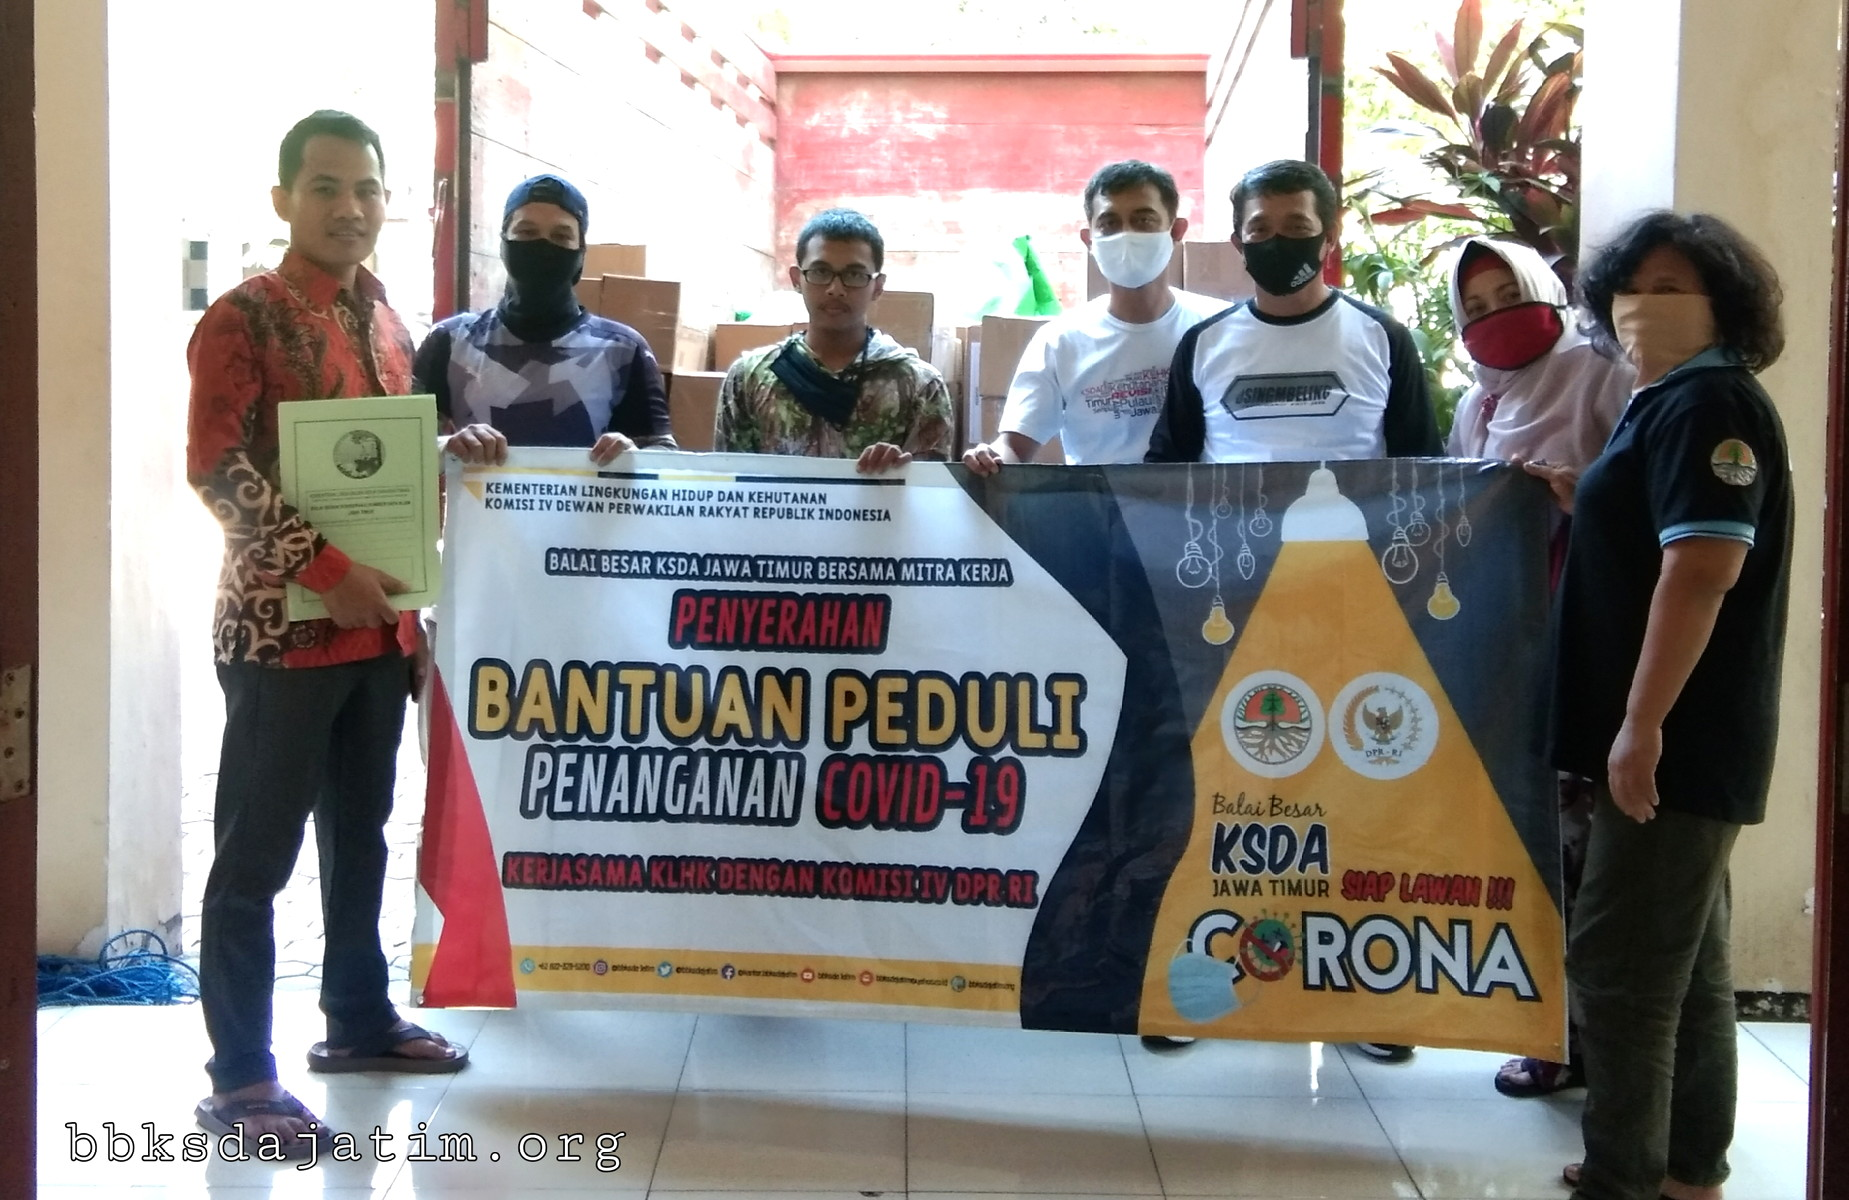 BBKSDA Jatim Salurkan Bantuan Penanganan Covid 19 di Jawa Timur